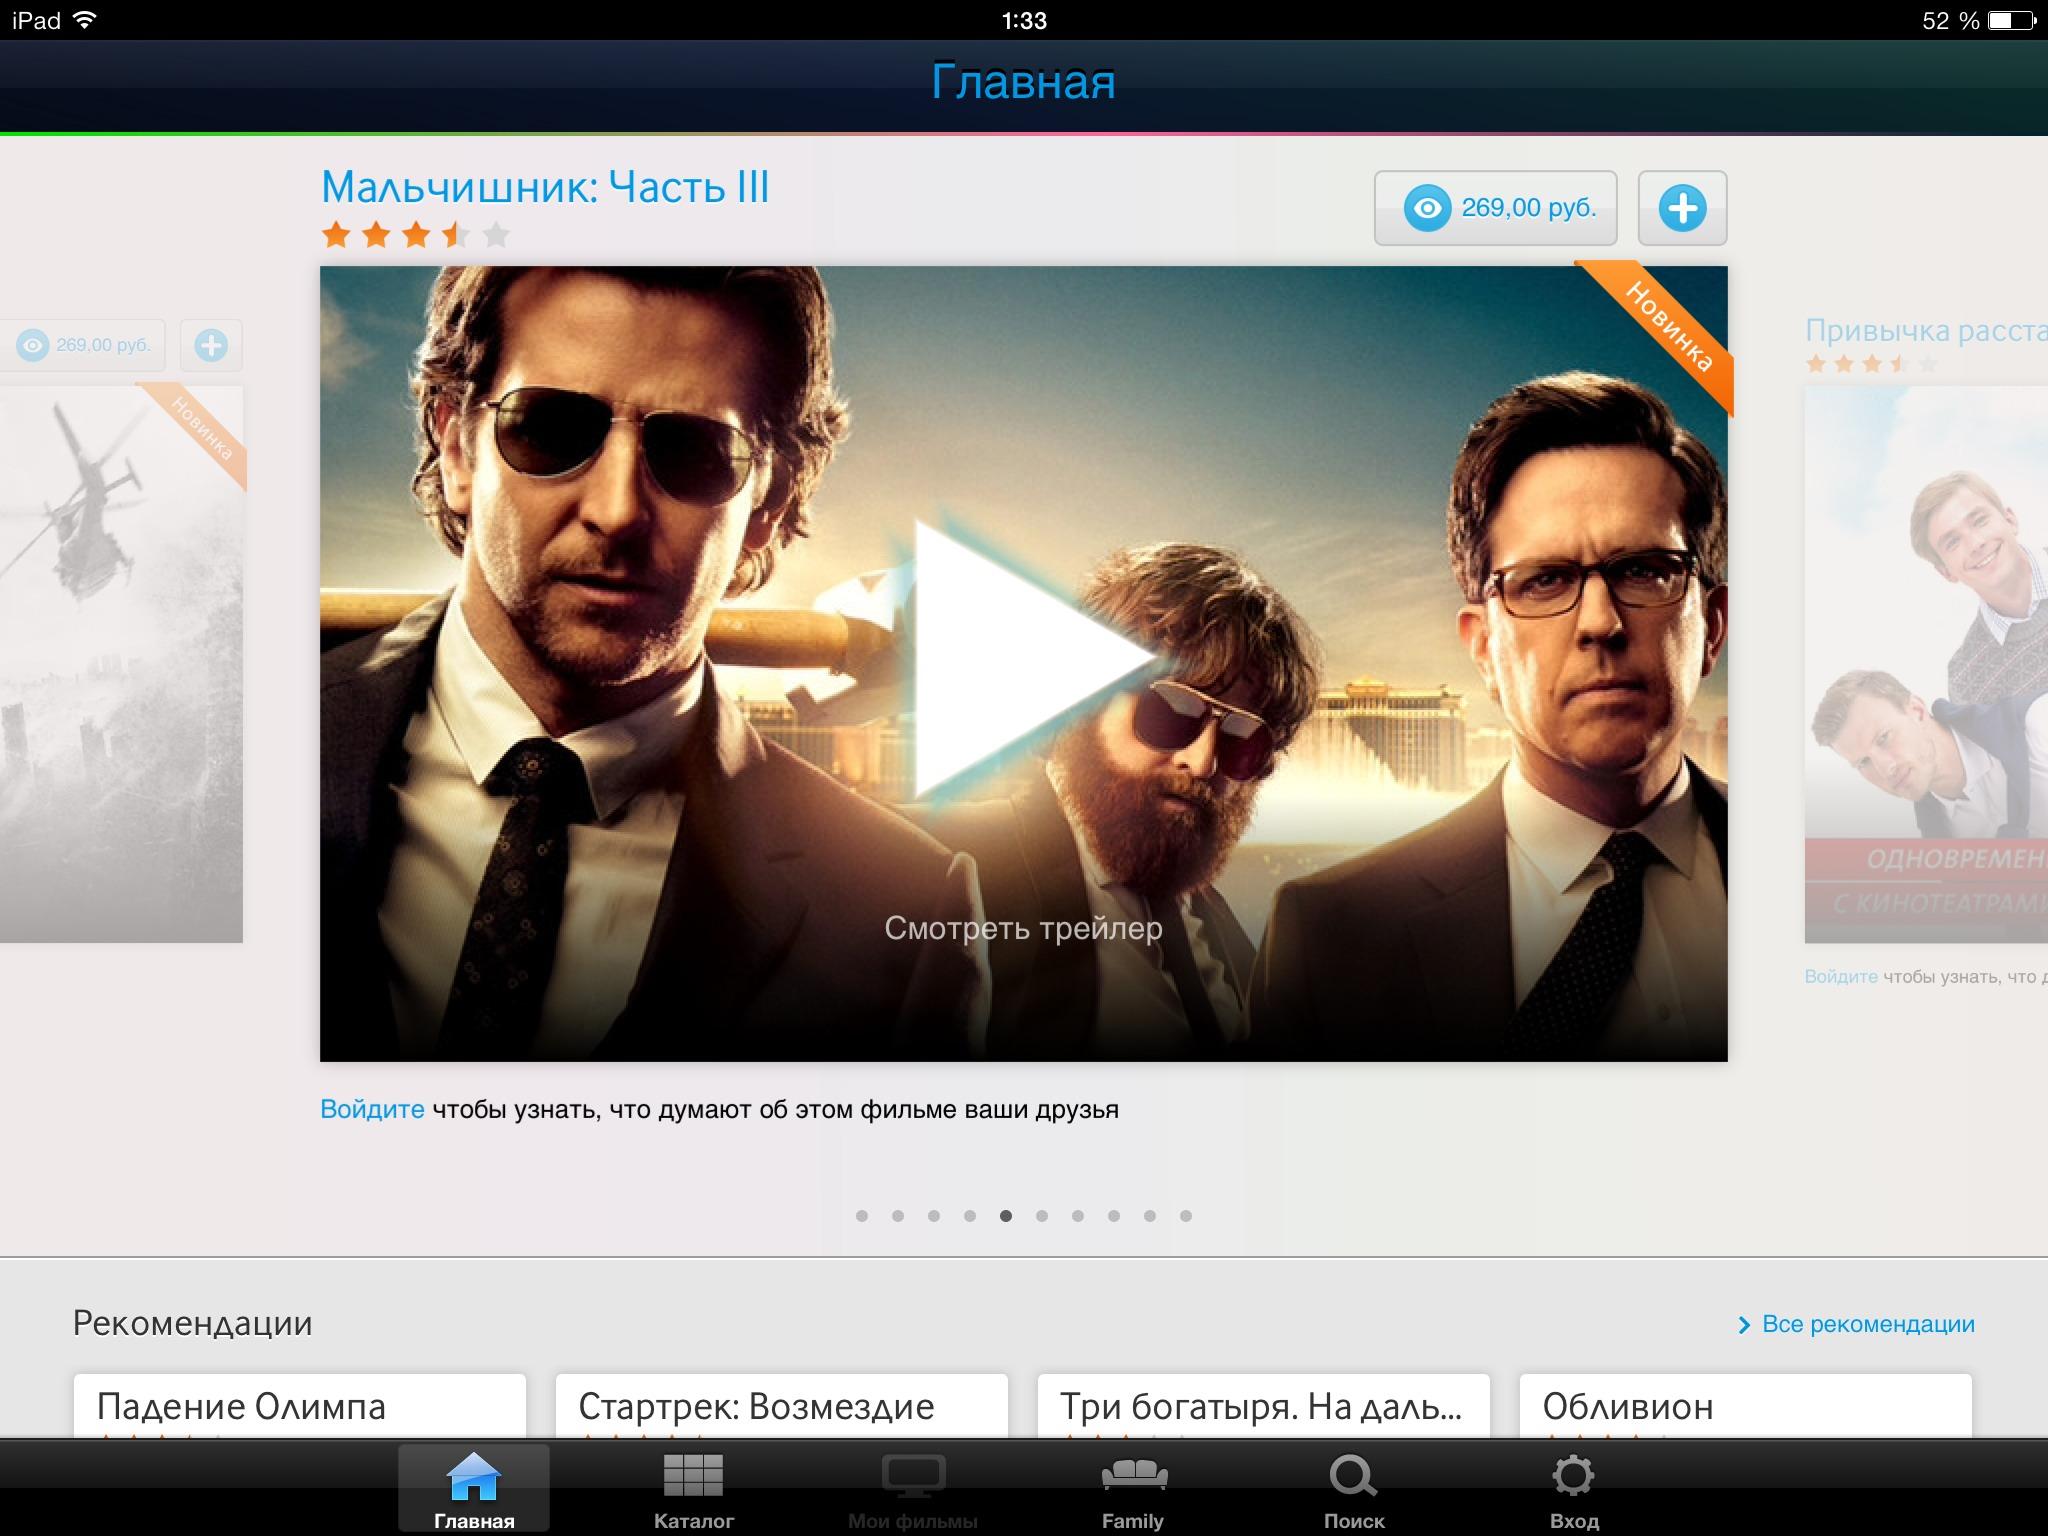 [App Store + HD] Play —лучшие фильмы у тебя в девайсе